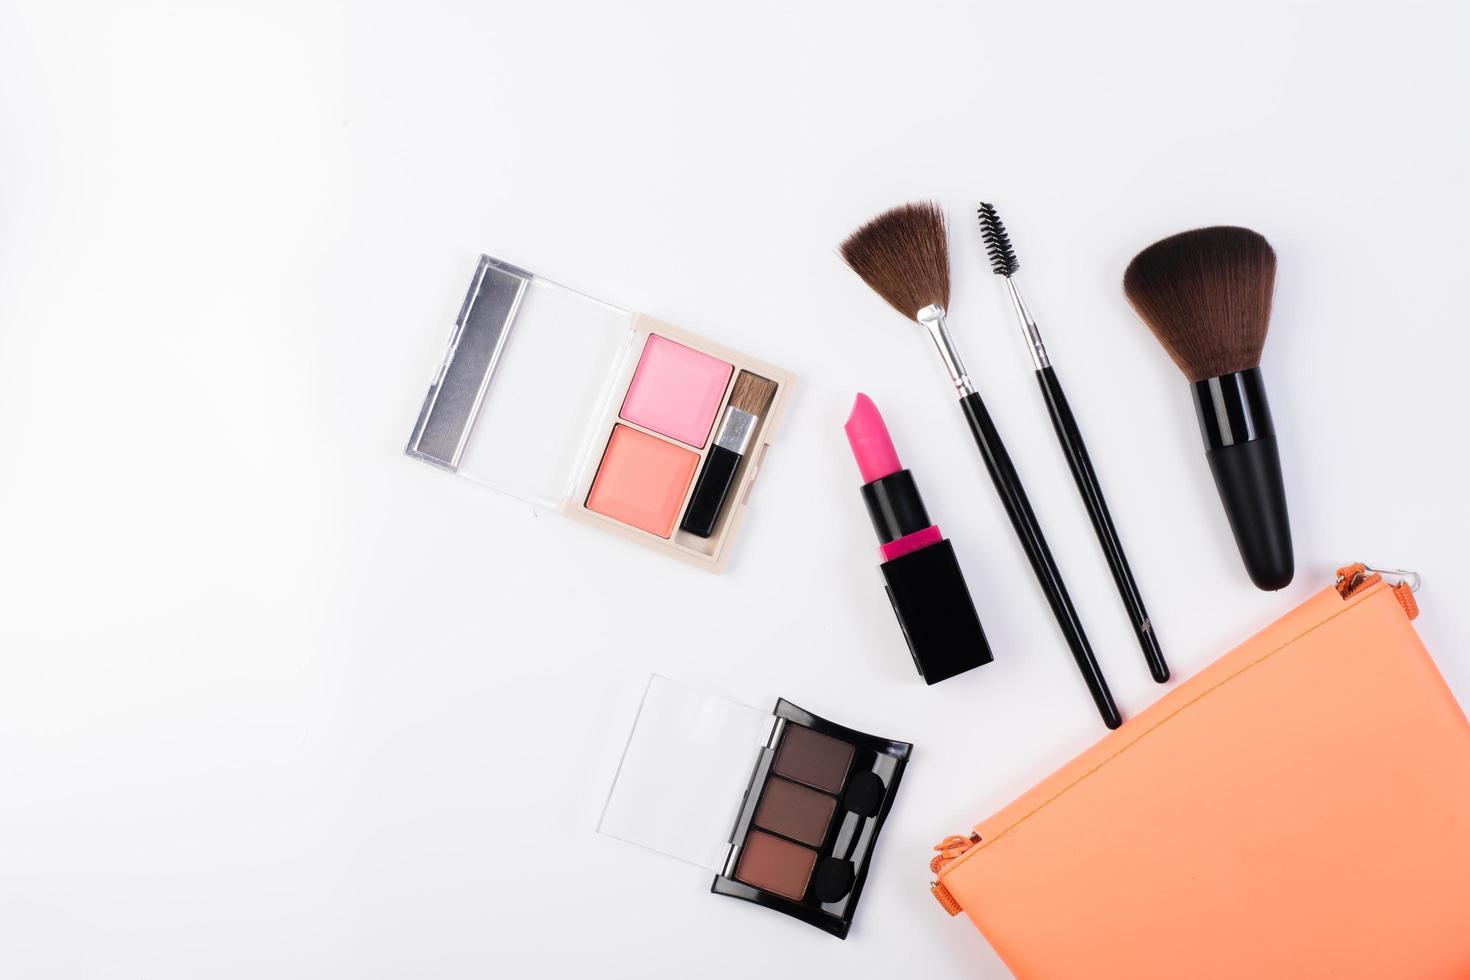 vue de dessus d'une trousse de maquillage avec des produits de beauté photo